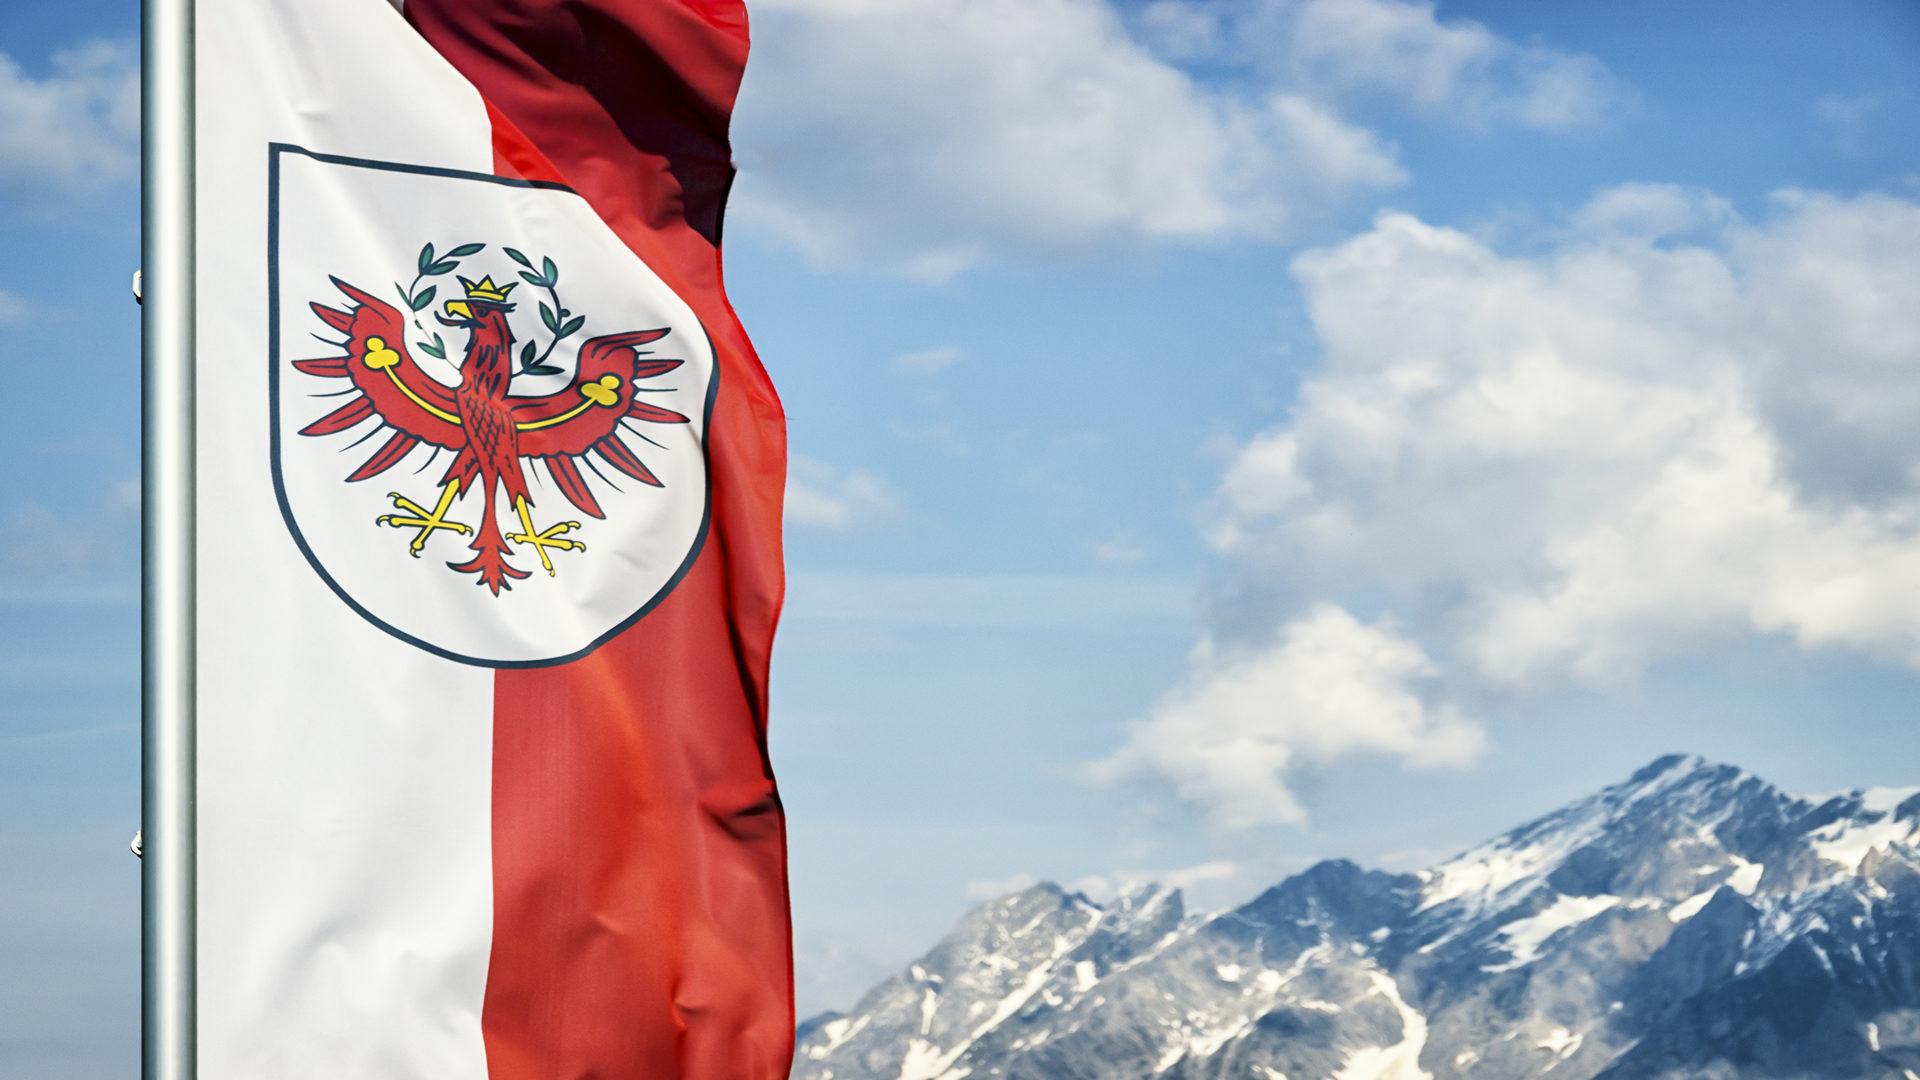 Bundesländerfahnen : Bundeslandfahnen günstig bestellen